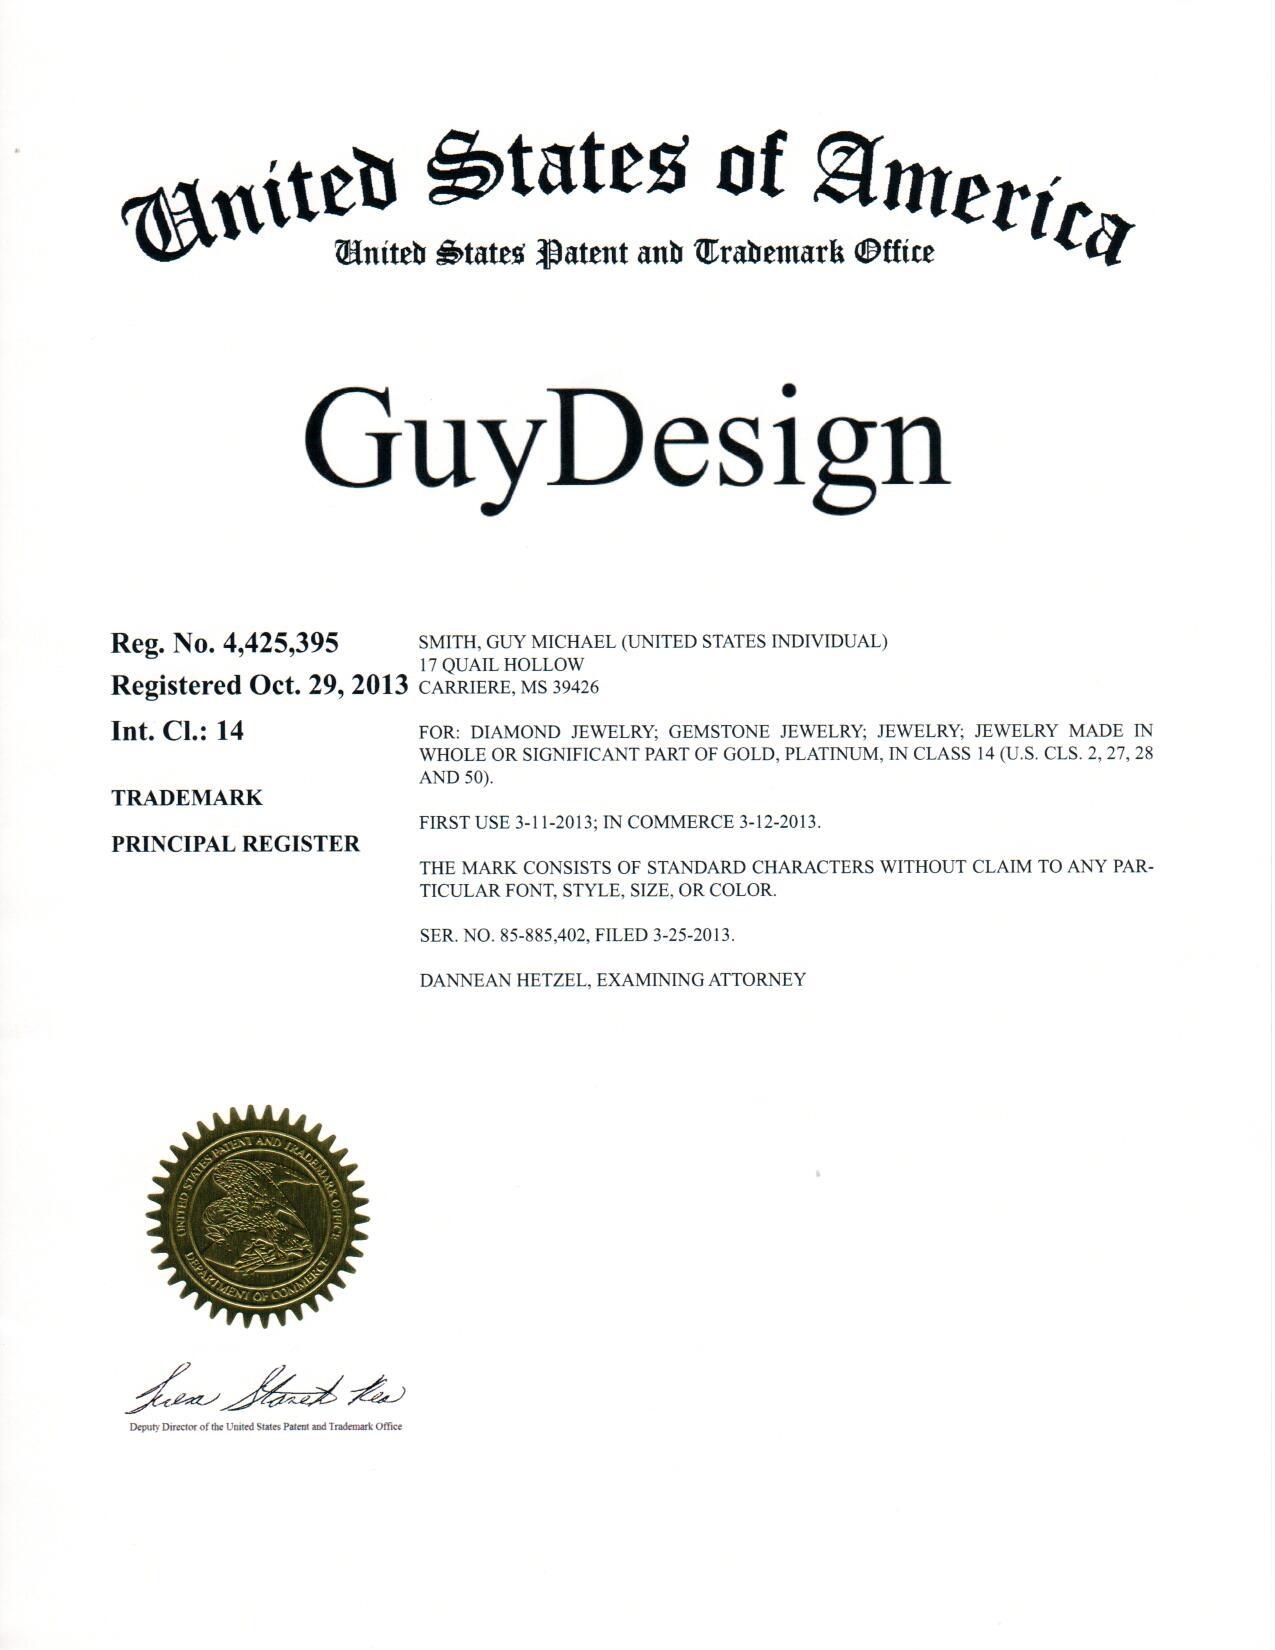 guydesign-international-registered-trademark-brand-since-2013.jpg